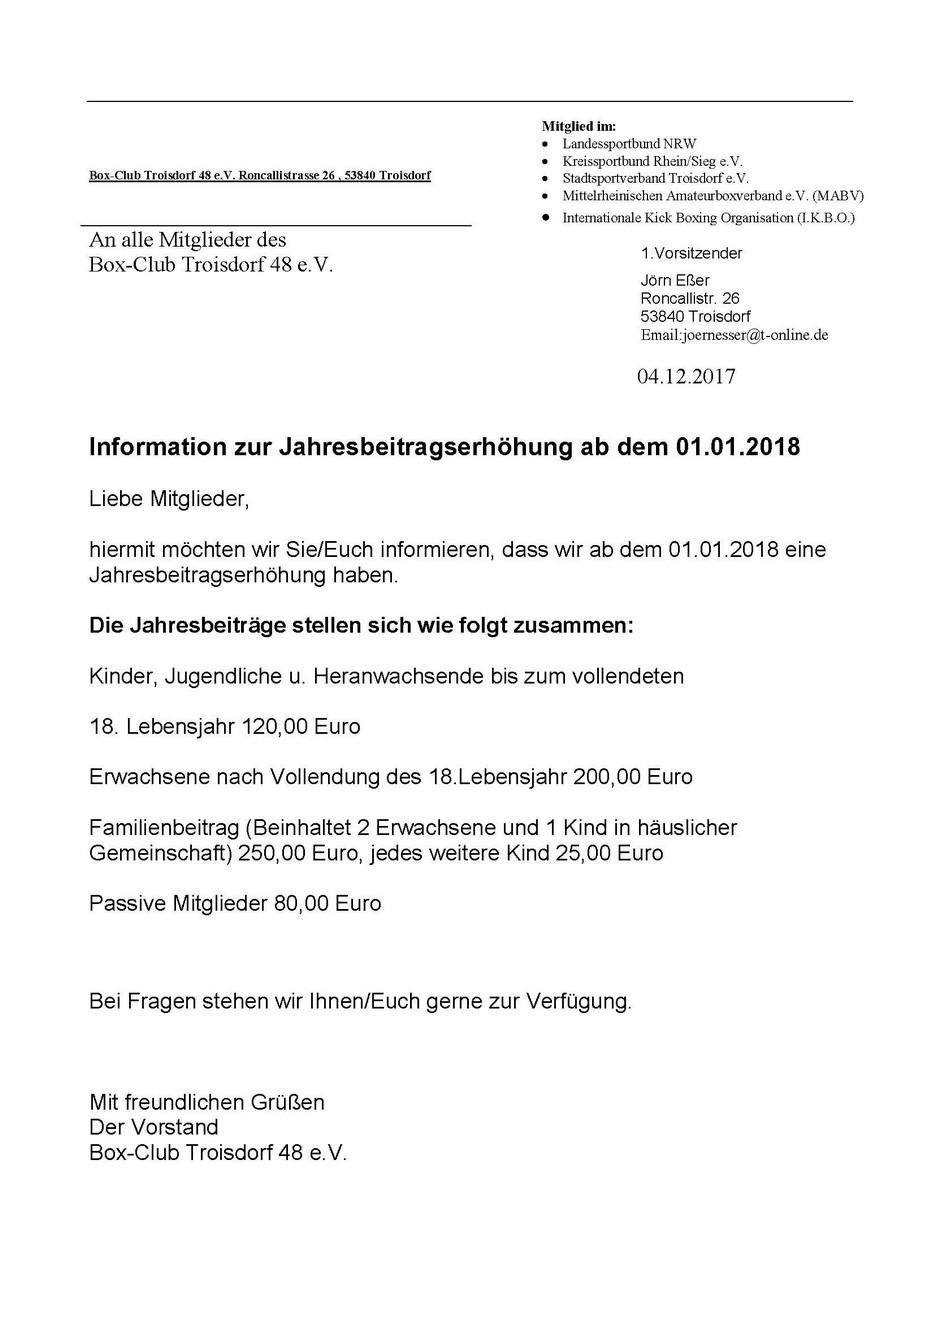 Box Club Troisdorf 48 Ev